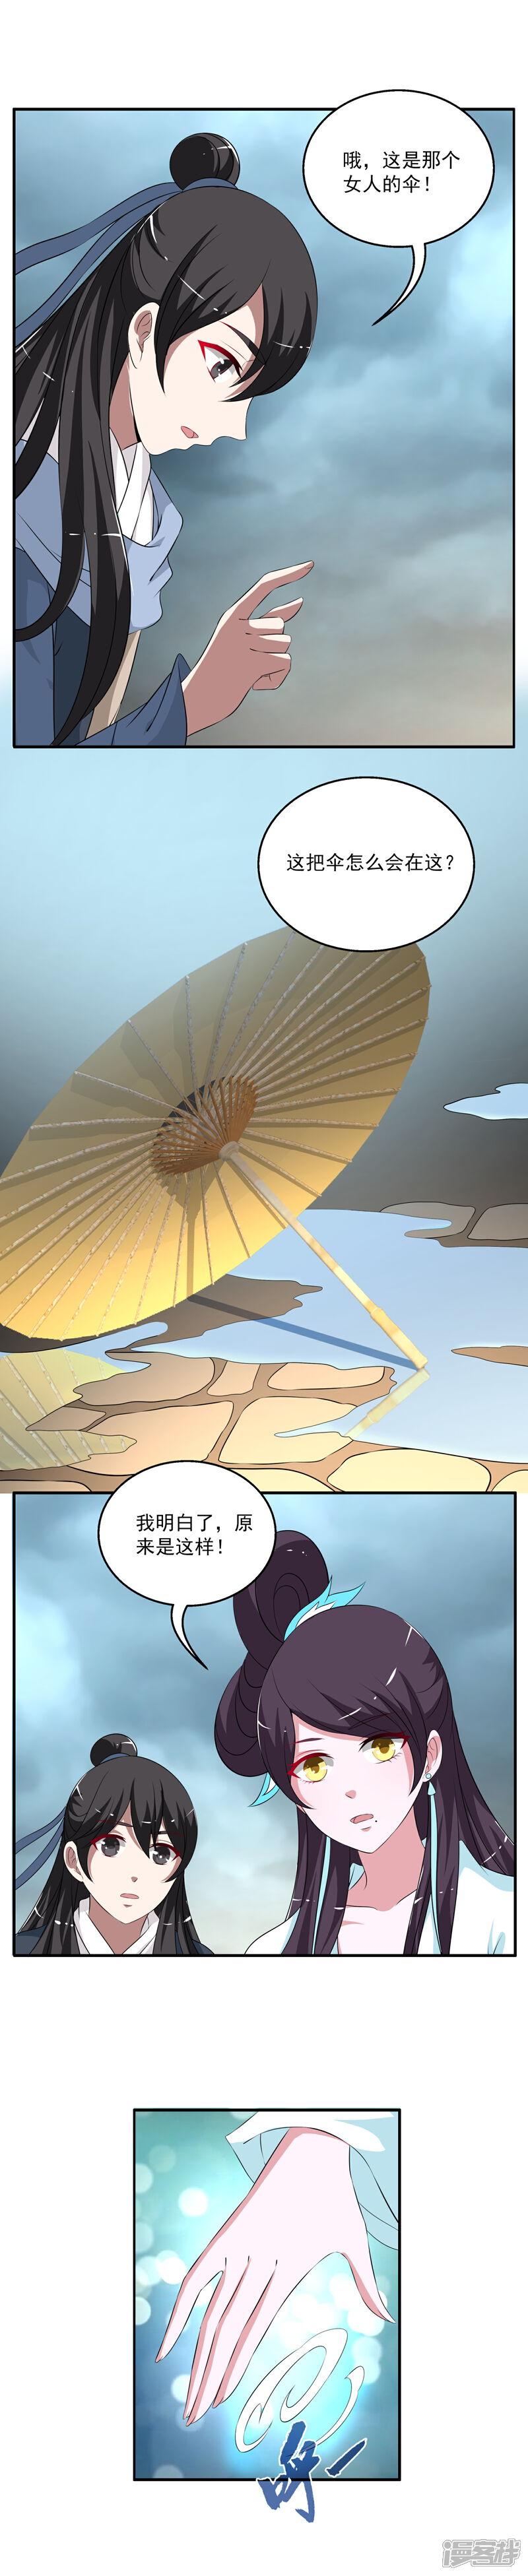 洛小妖191 (4).JPG